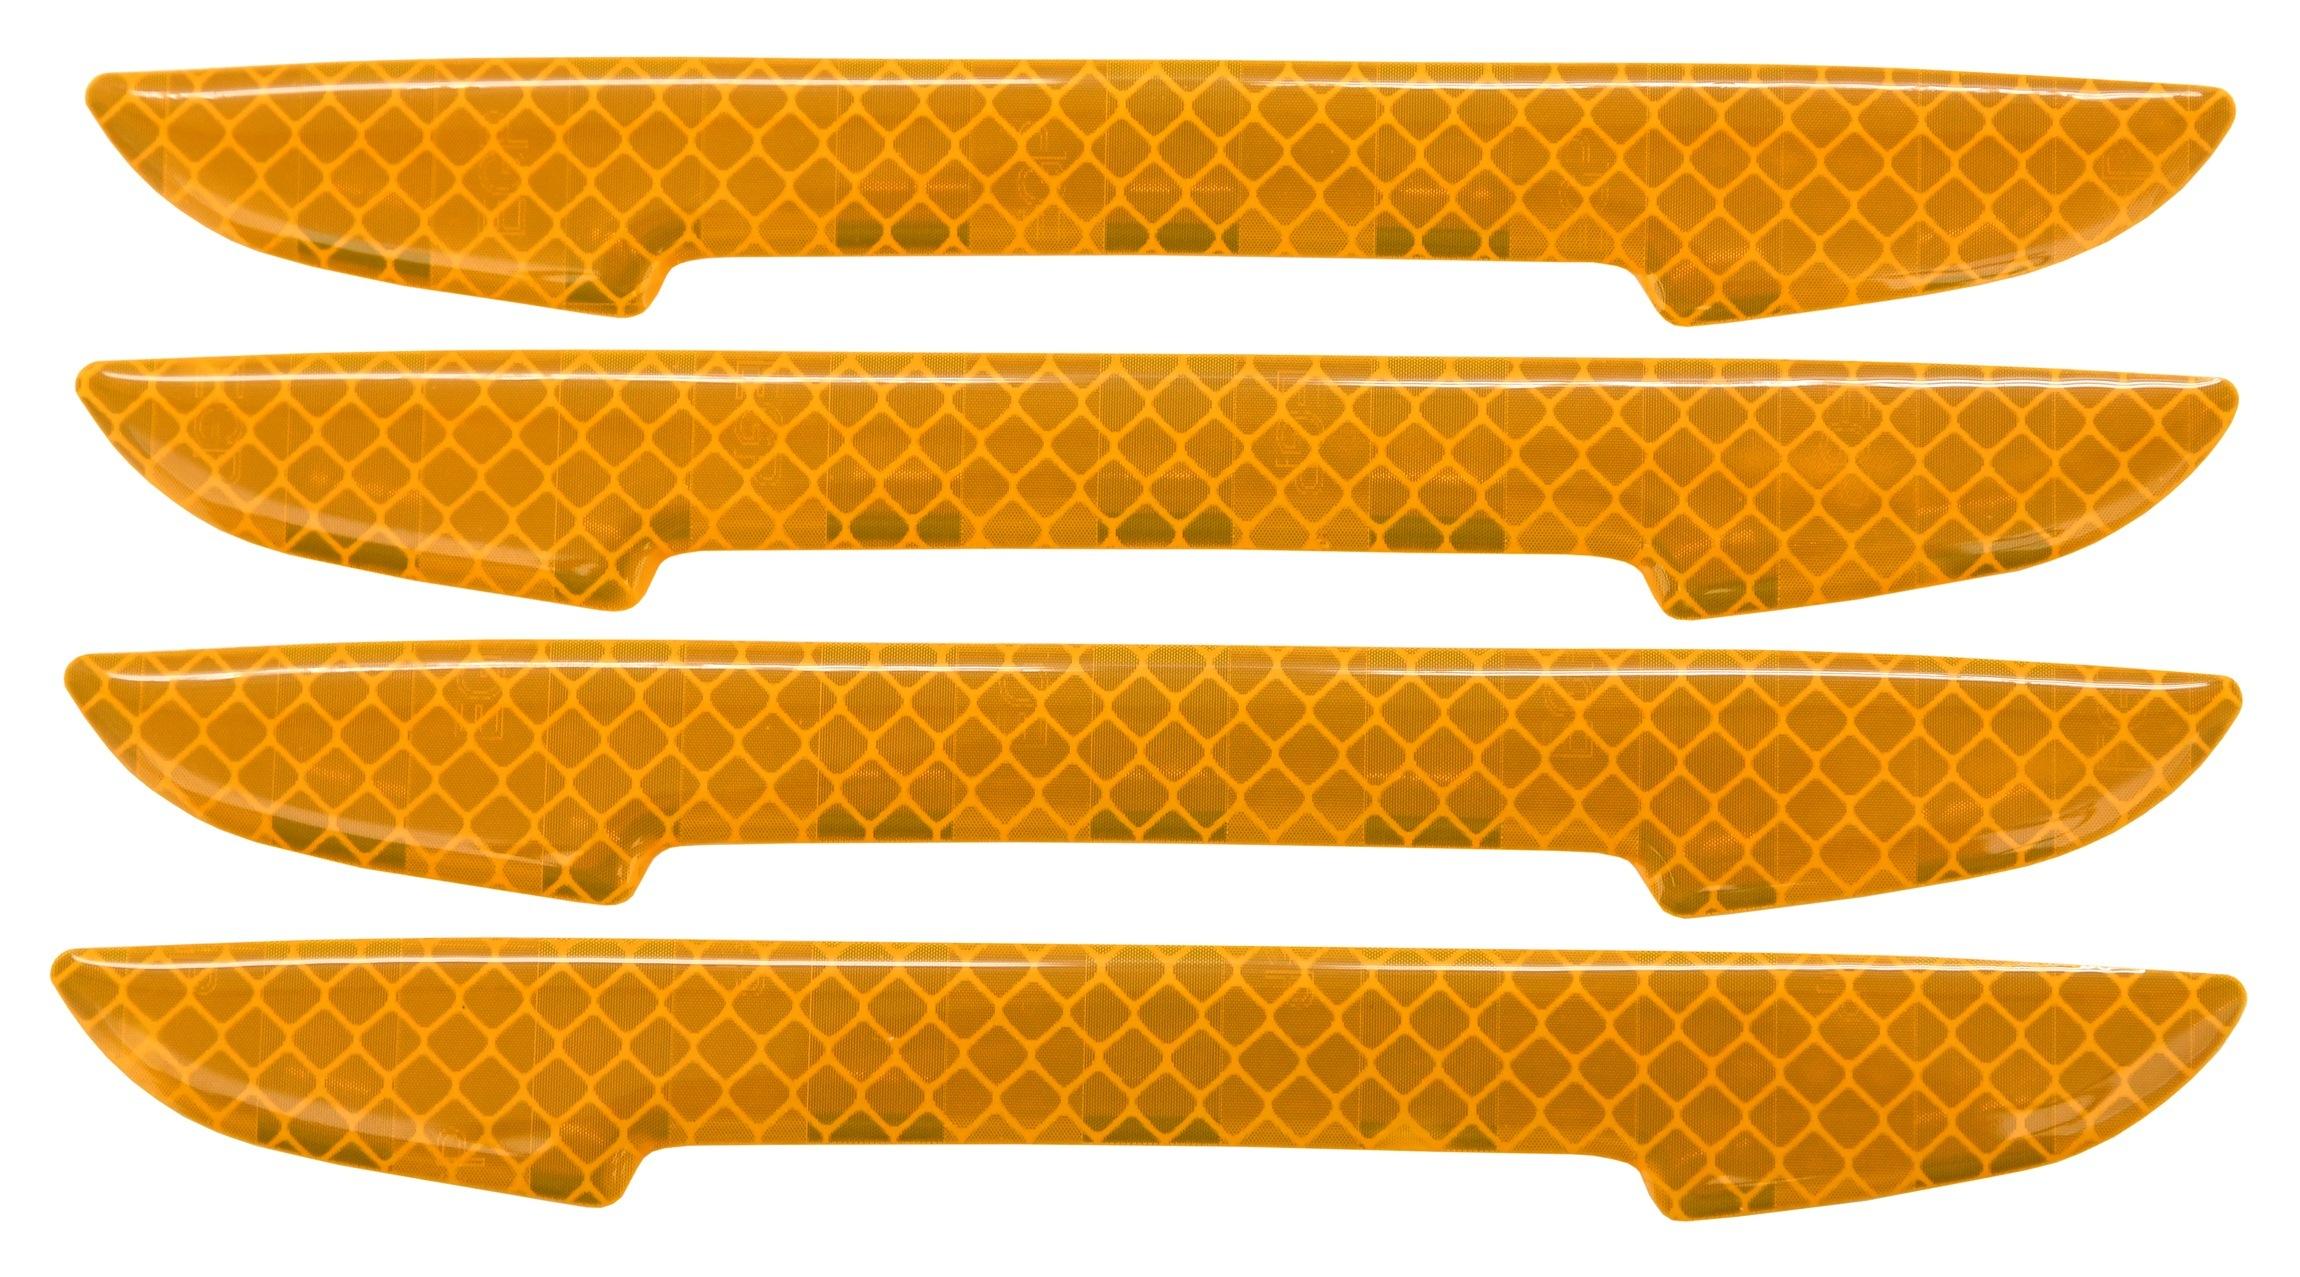 Chránič dveří samolepící DELTA žlutý 4ks, 34314